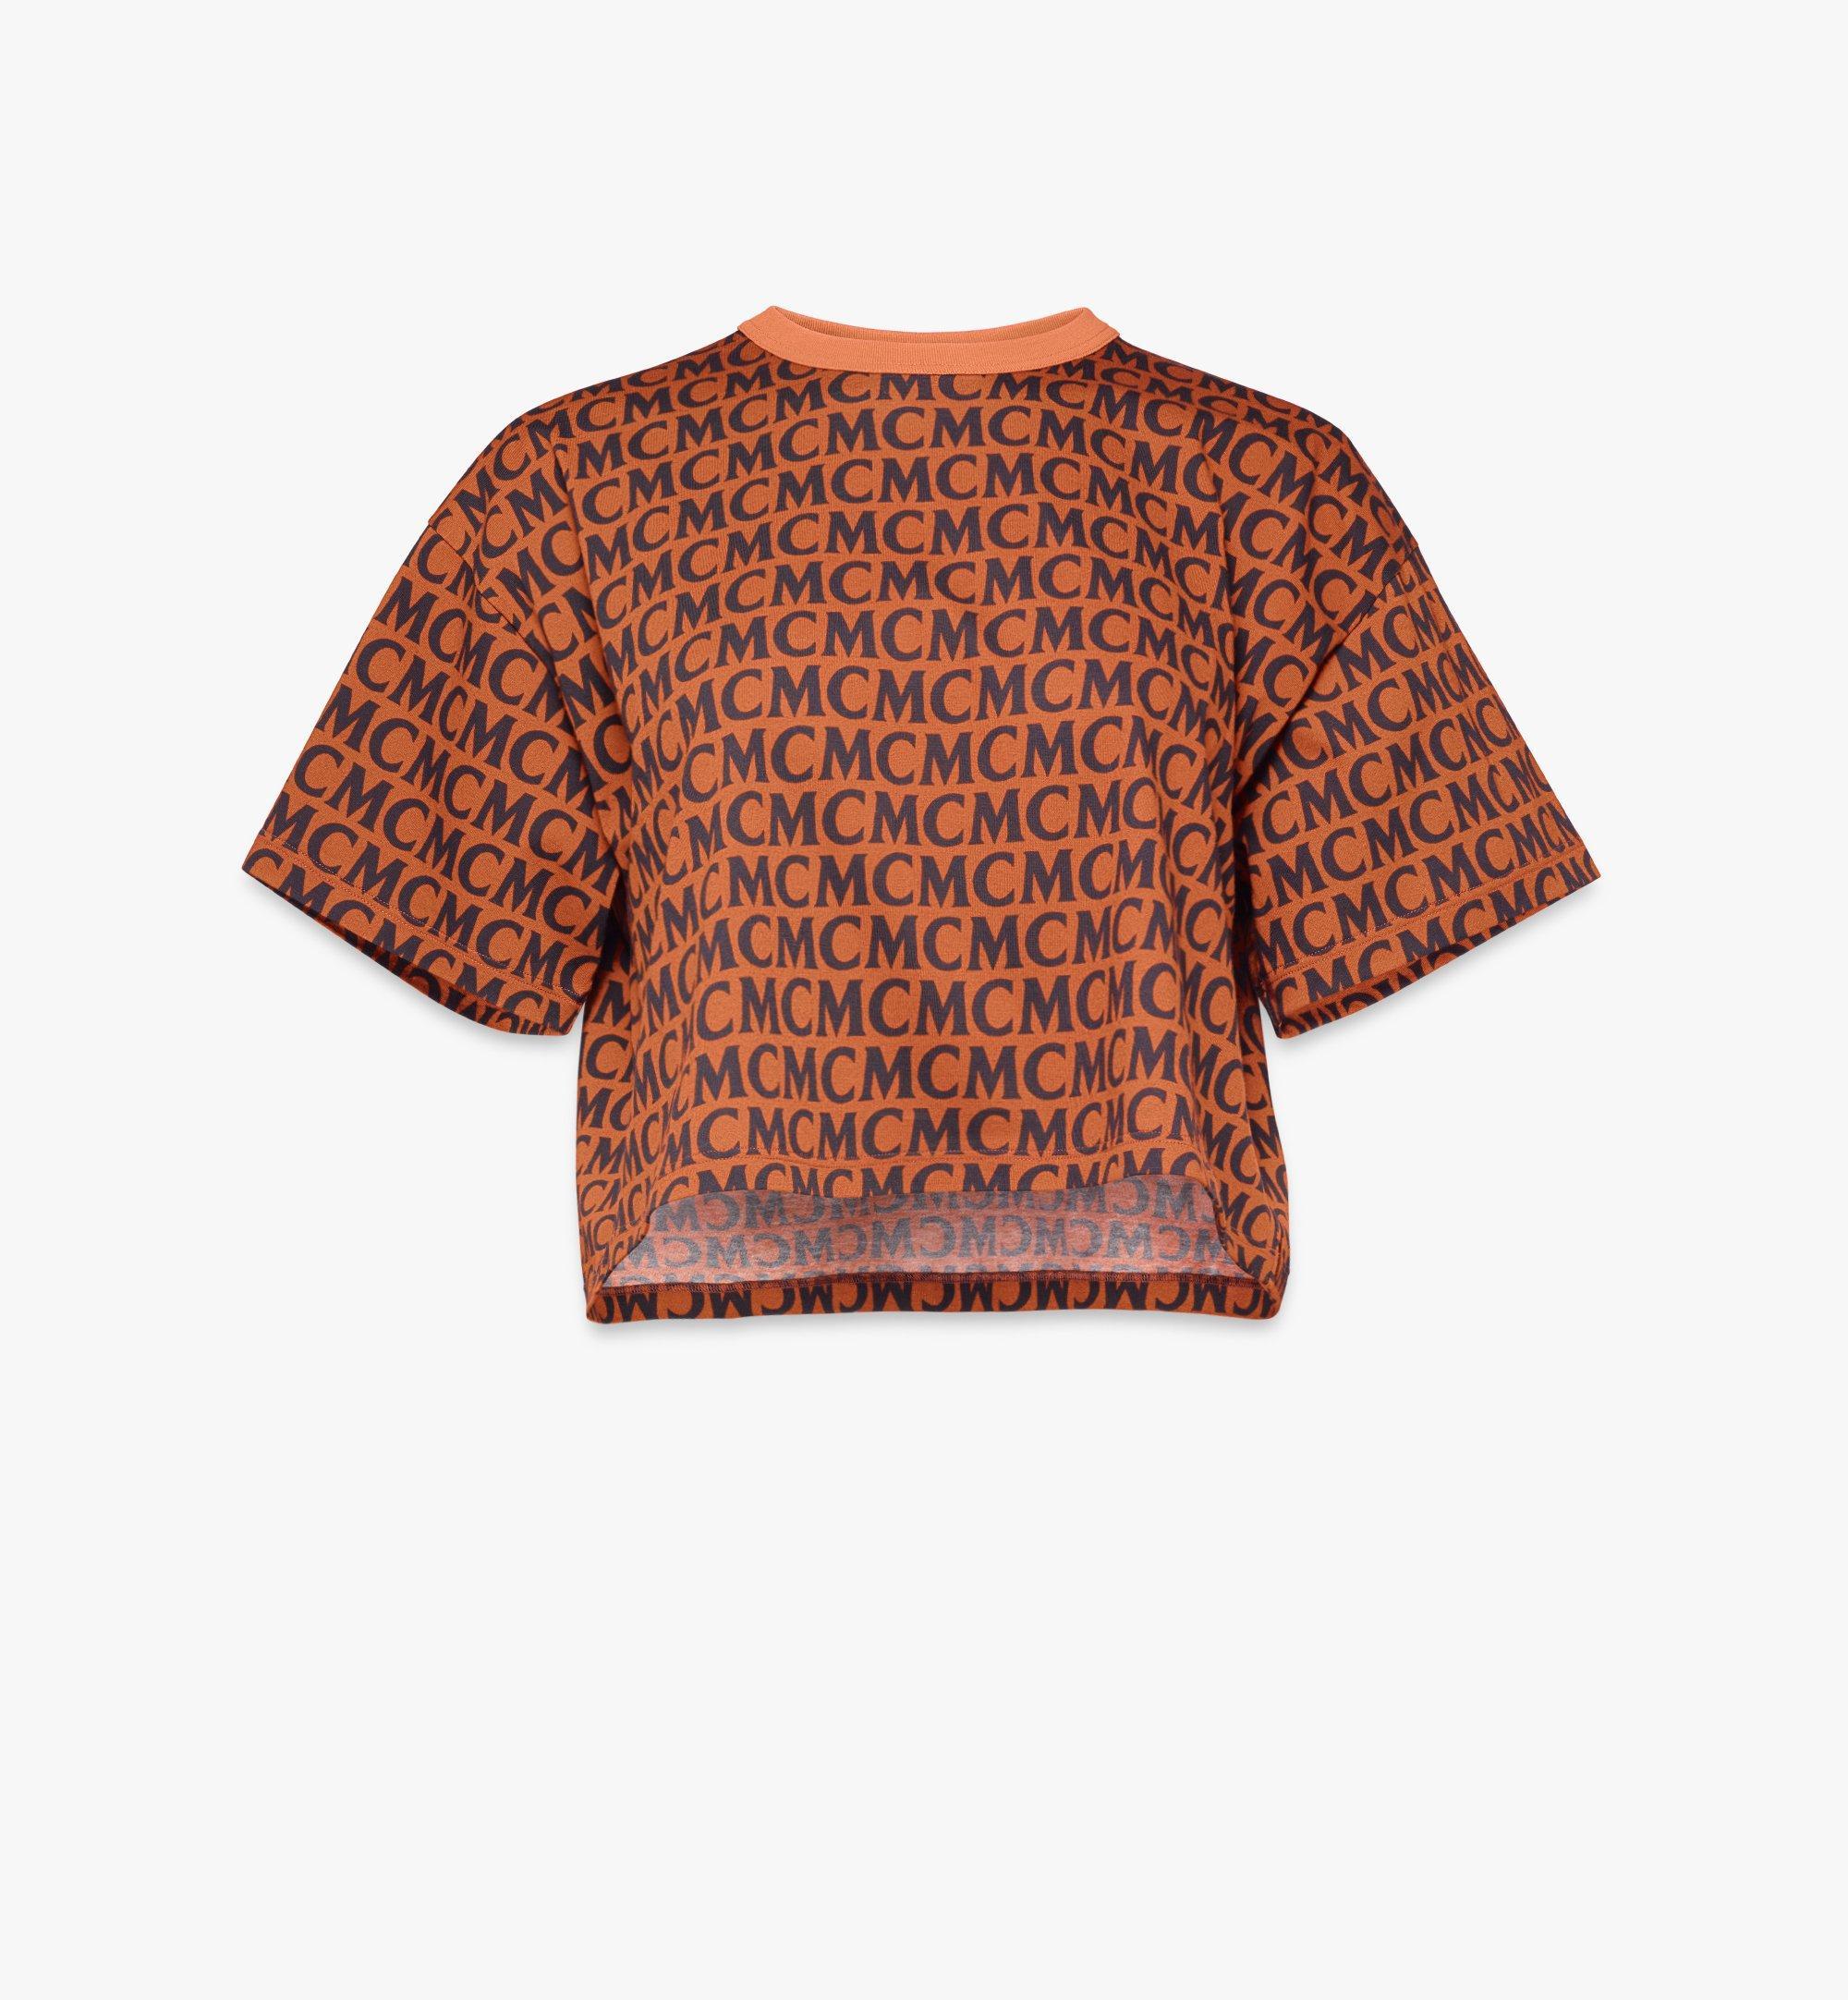 MCM T-shirt monogrammé pour femme Black MFTAAMD01C400L Plus de photos 1